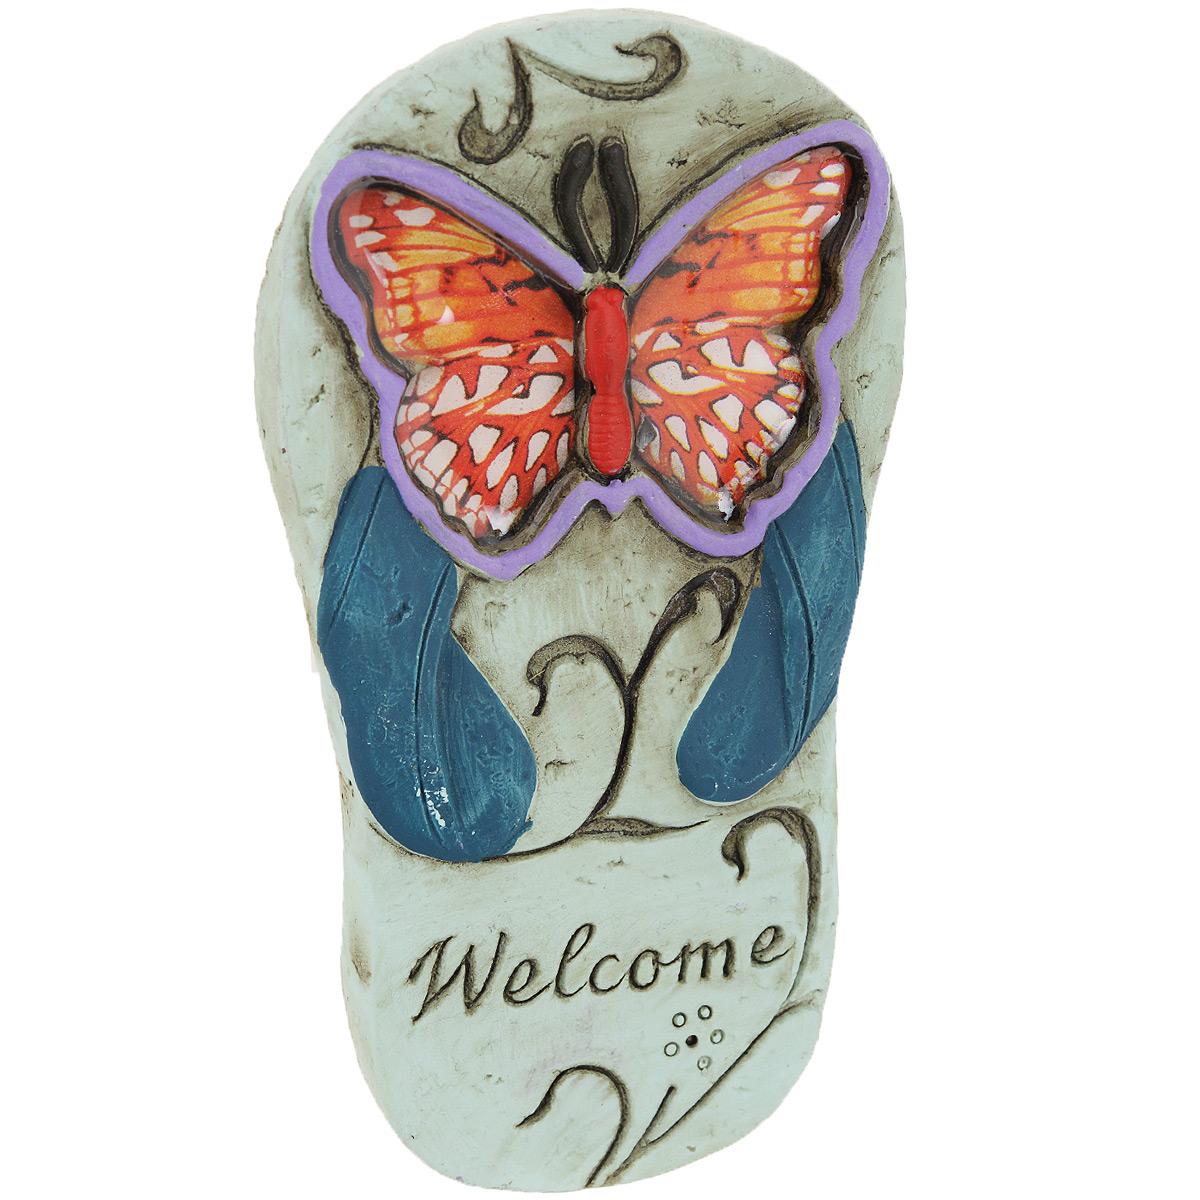 Фигурка декоративная След, цвет: голубой, оранжевыйTHN132NОригинальная фигурка След выполнена из цемента в виде декоративного следа от ботинка, украшенного бабочкой и надписью Welcome. Такая фигурка станет прекрасным дополнением к интерьеру вашего дома или ландшафту дачного участка. Вы можете поставить фигурку в любом месте, где она будет удачно смотреться, и радовать глаз.